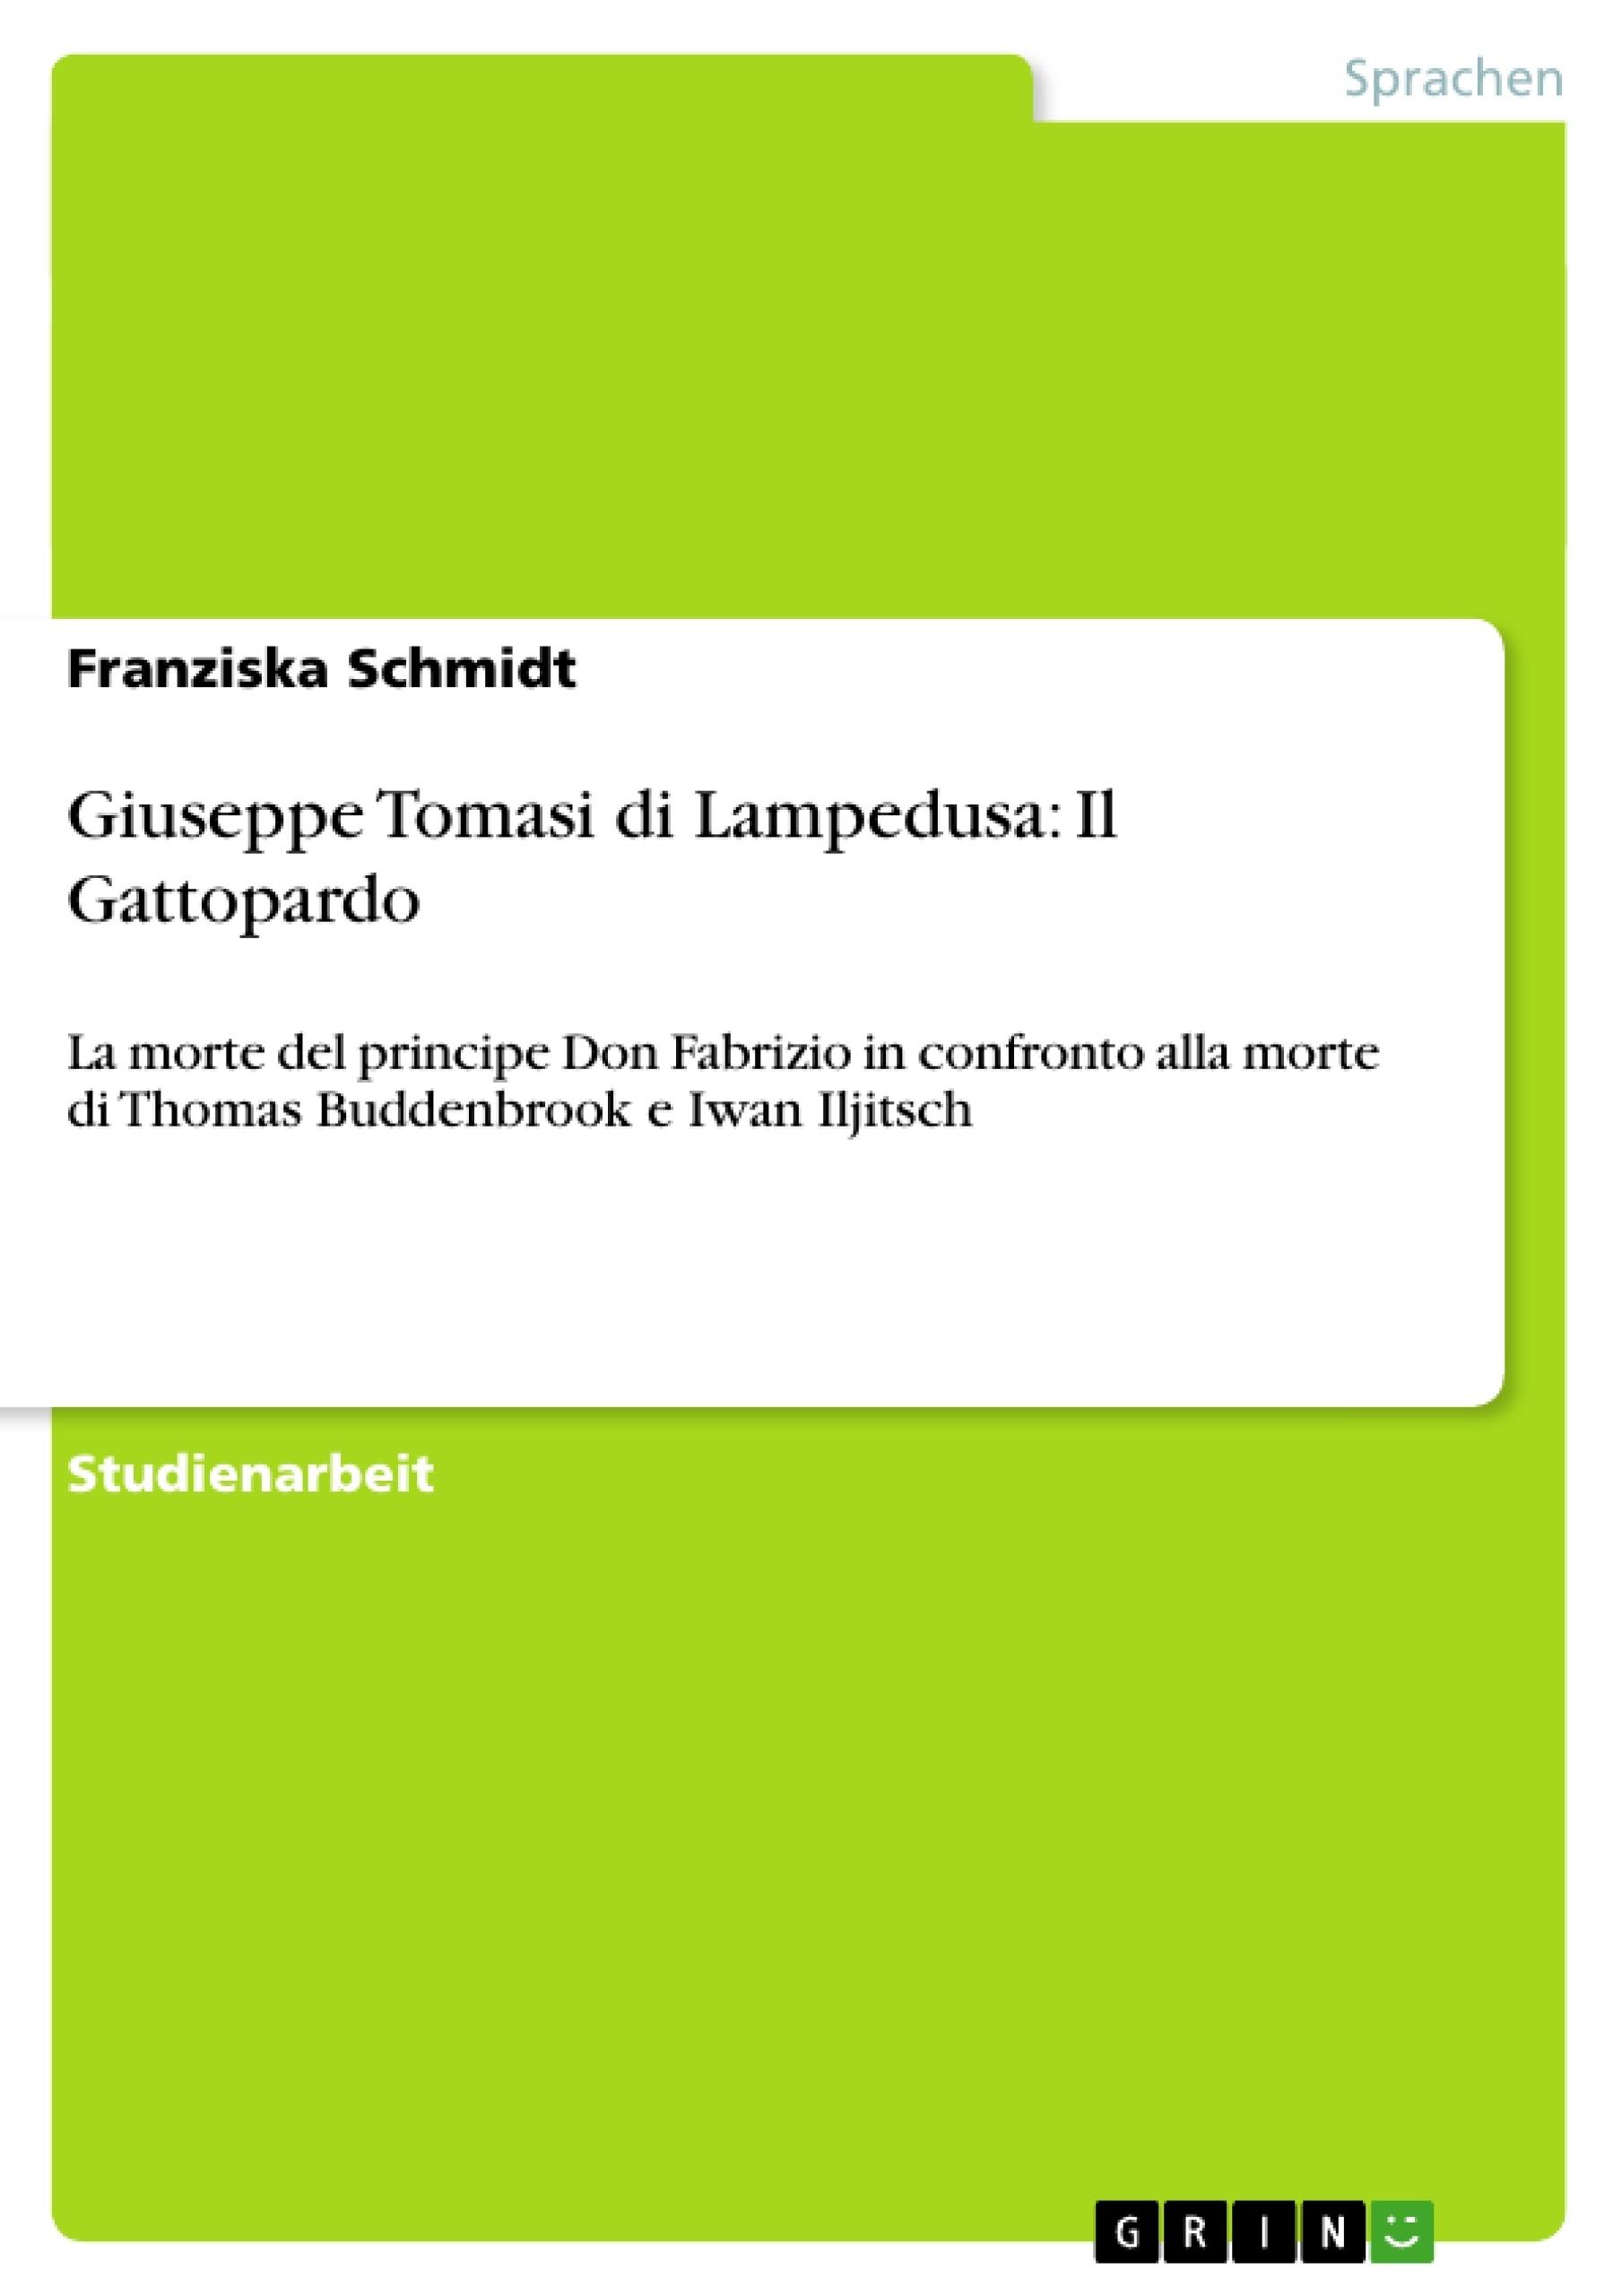 Titel: Giuseppe Tomasi di Lampedusa: Il Gattopardo